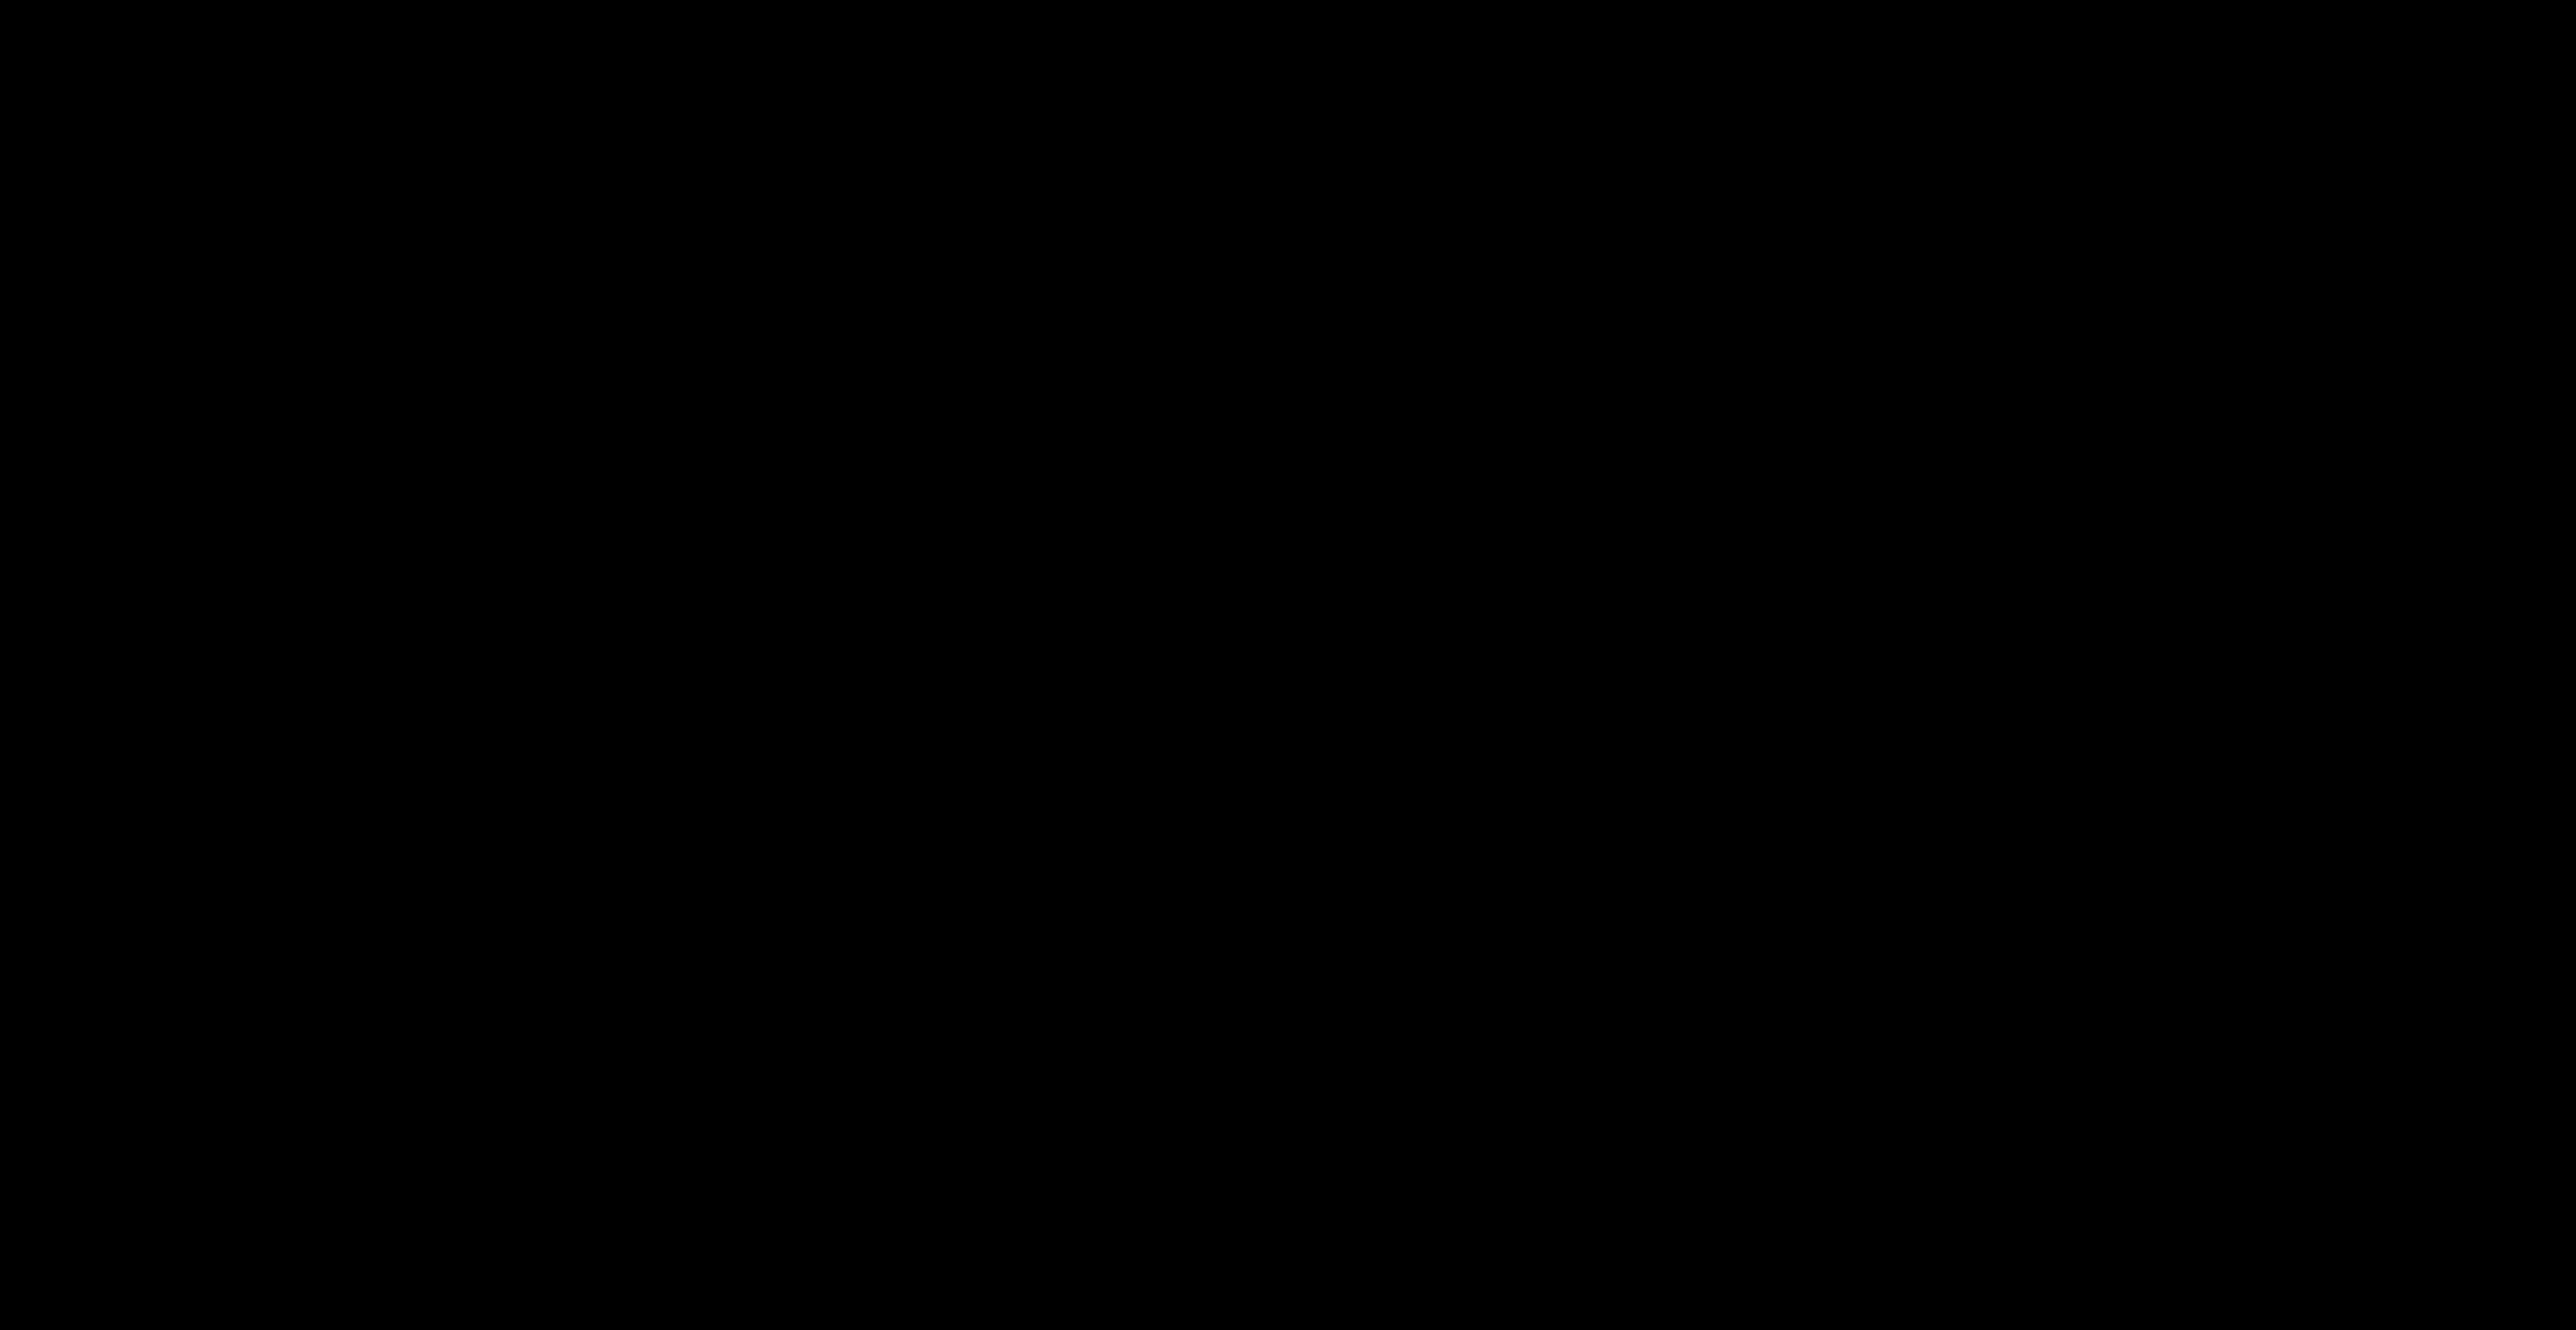 Instalación de la exposicion 'Pablo Picasso' en el Palazzo Reale de Milán, 1953.